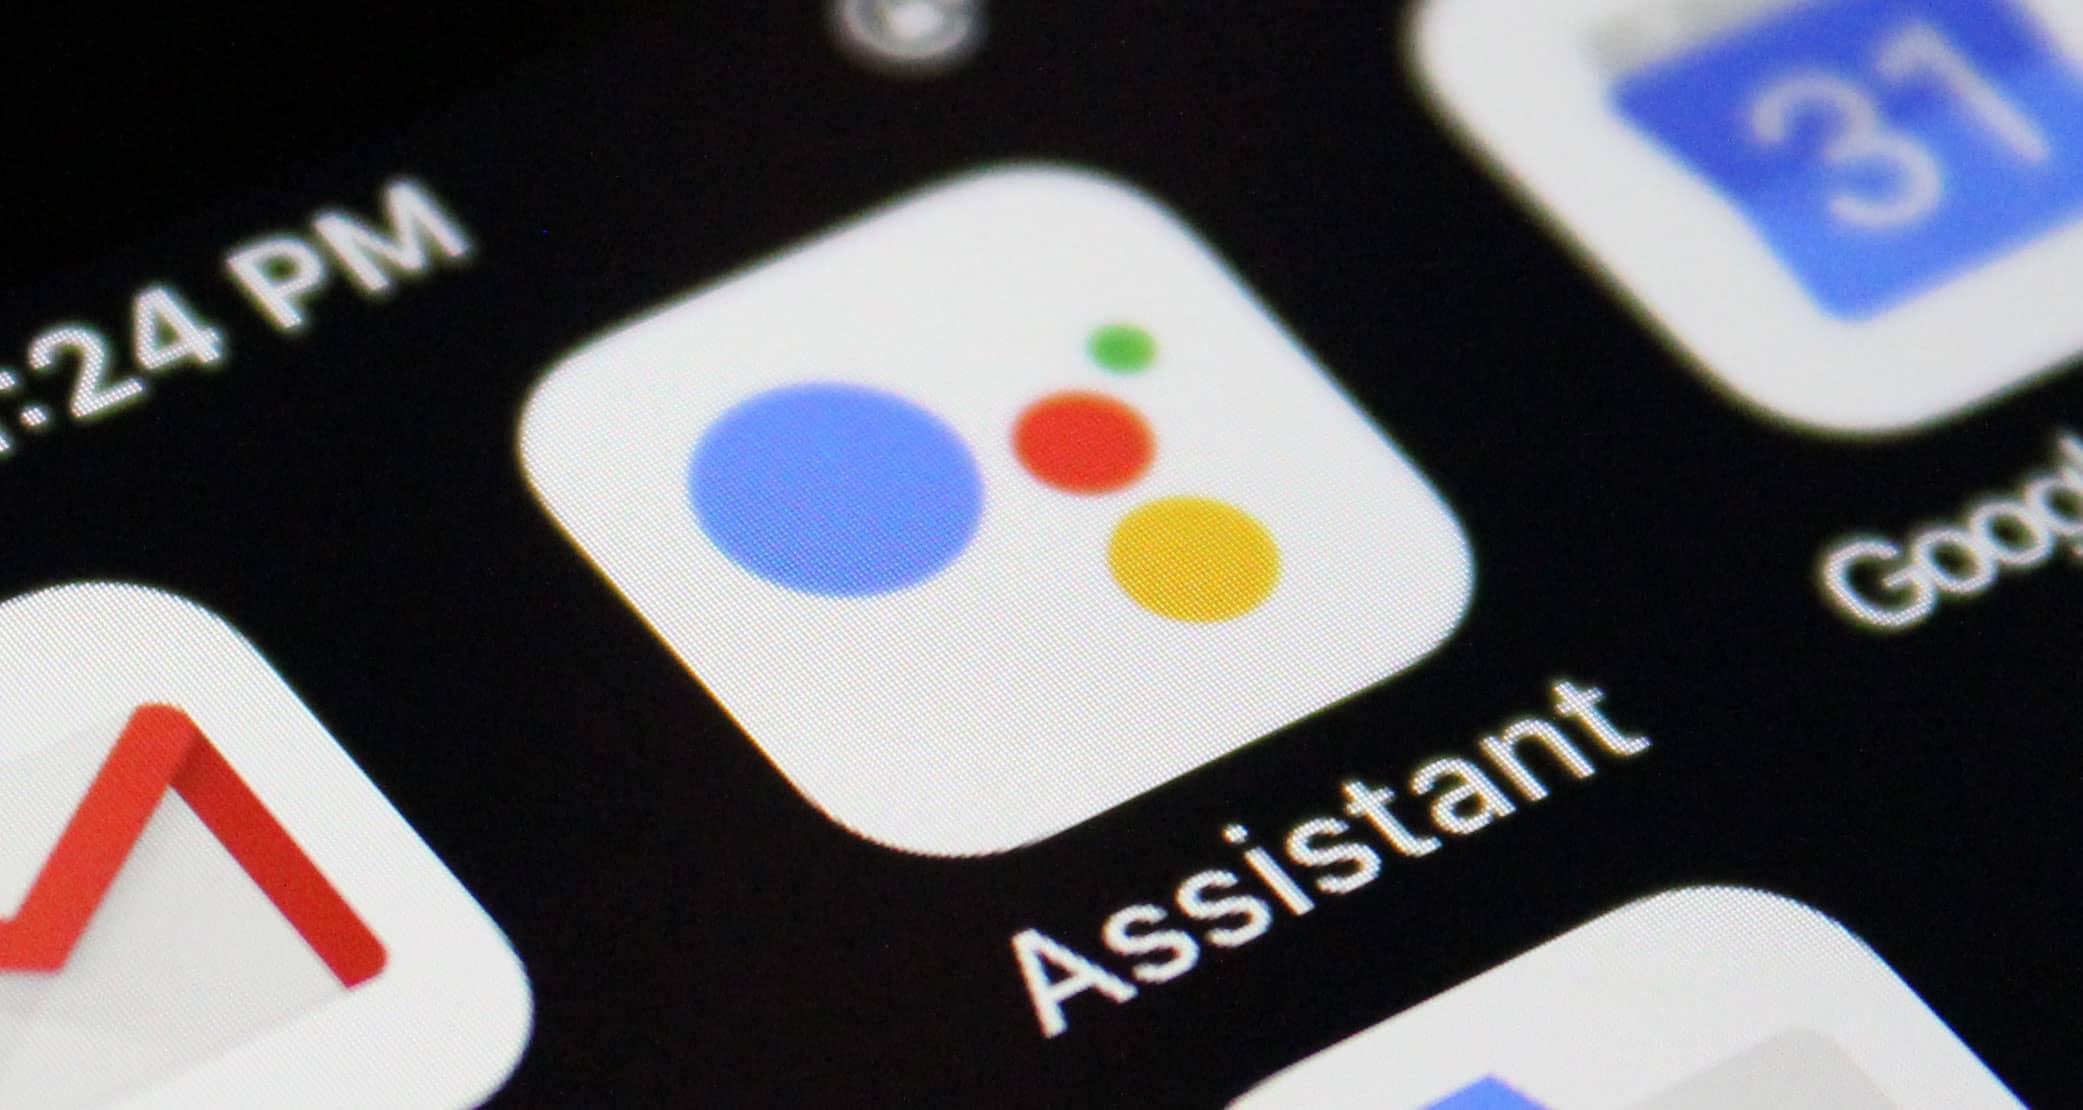 تحديث مساعد جوجل Google Assistant ليتوافق مع التطبيقات الخارجية